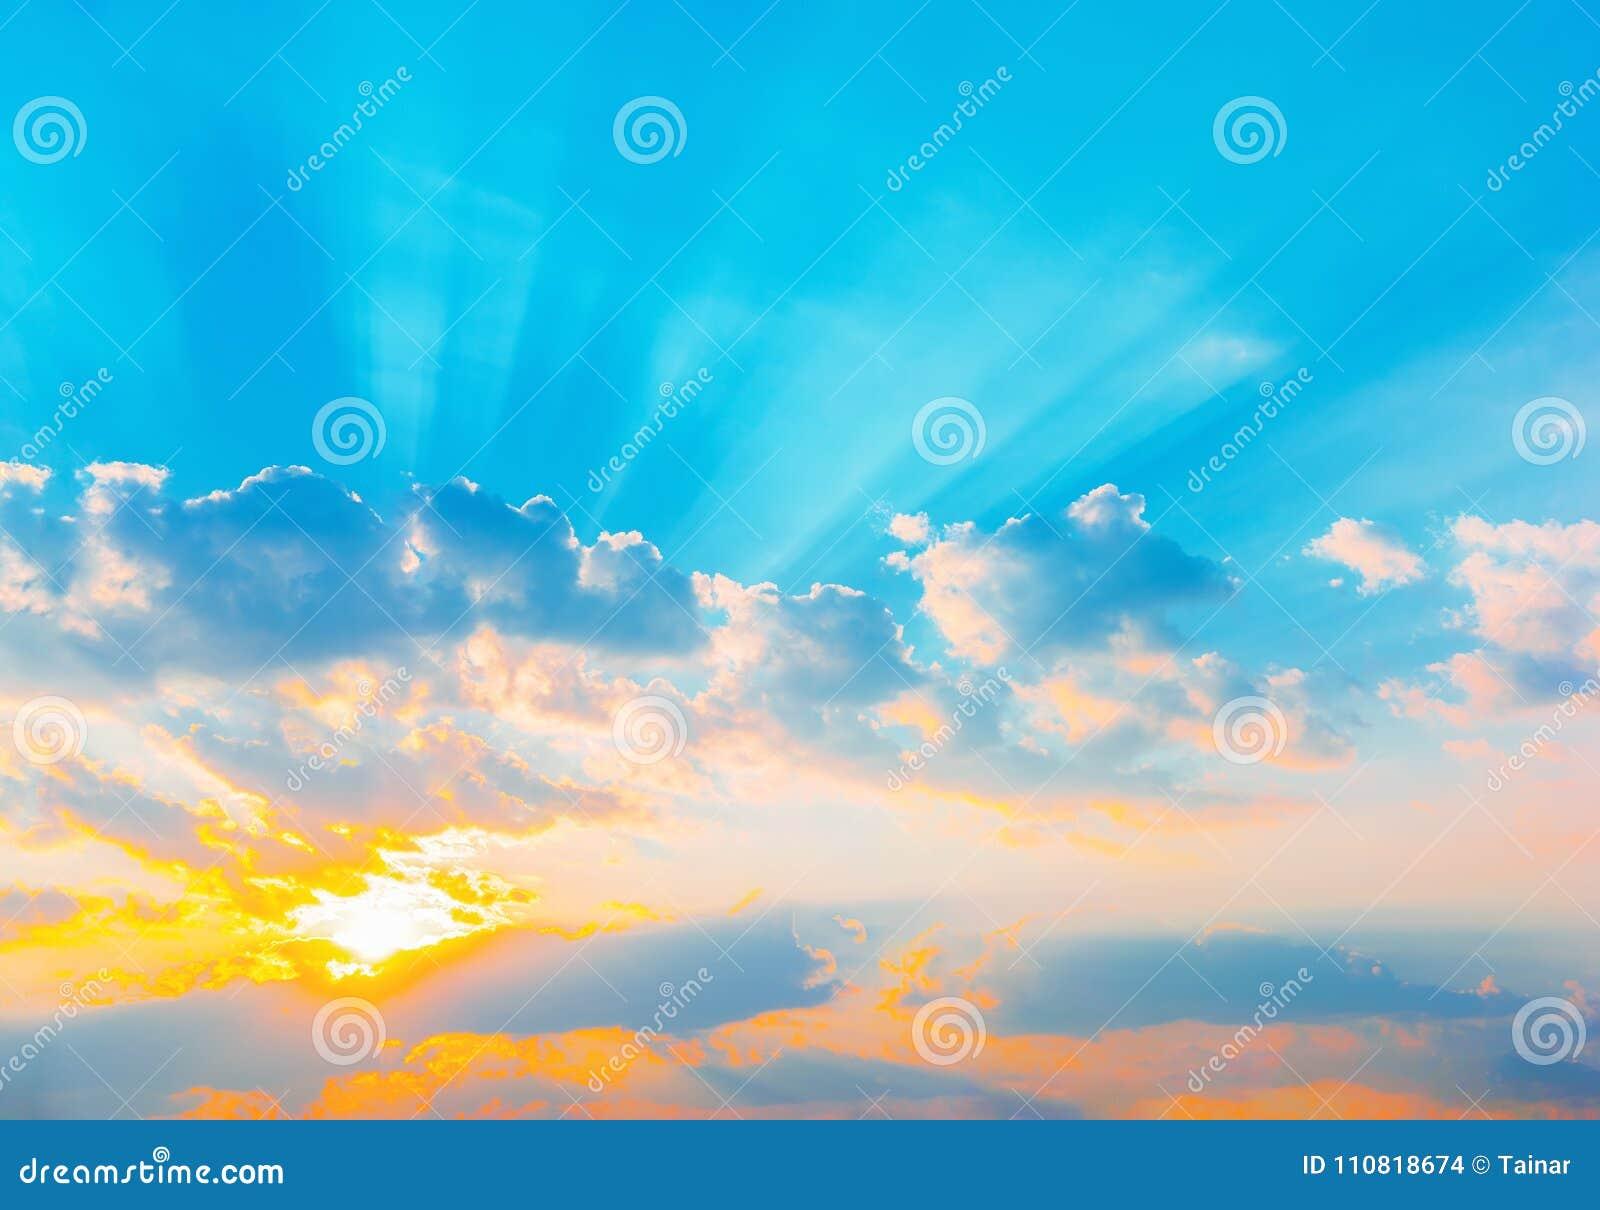 Небо восхода солнца драматическое голубое с оранжевым солнцем излучает выходящ сквозь отверстие облака против предпосылки голубые